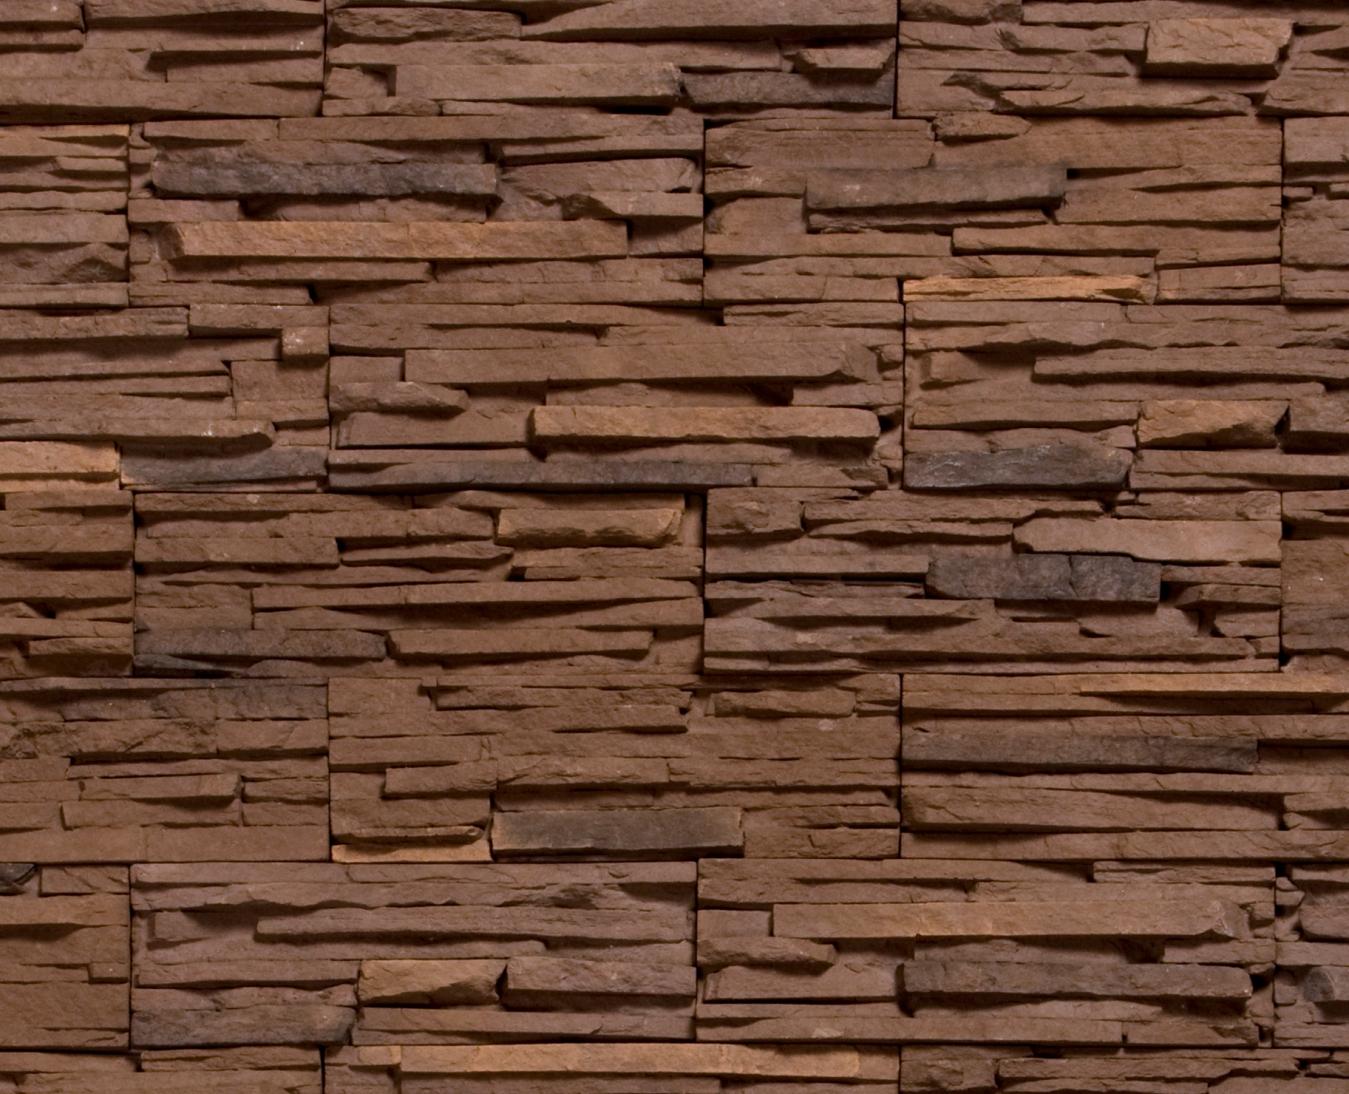 Papel de parede 3dac65 adcorista arte decora o elo7 for Papel de pared rustico